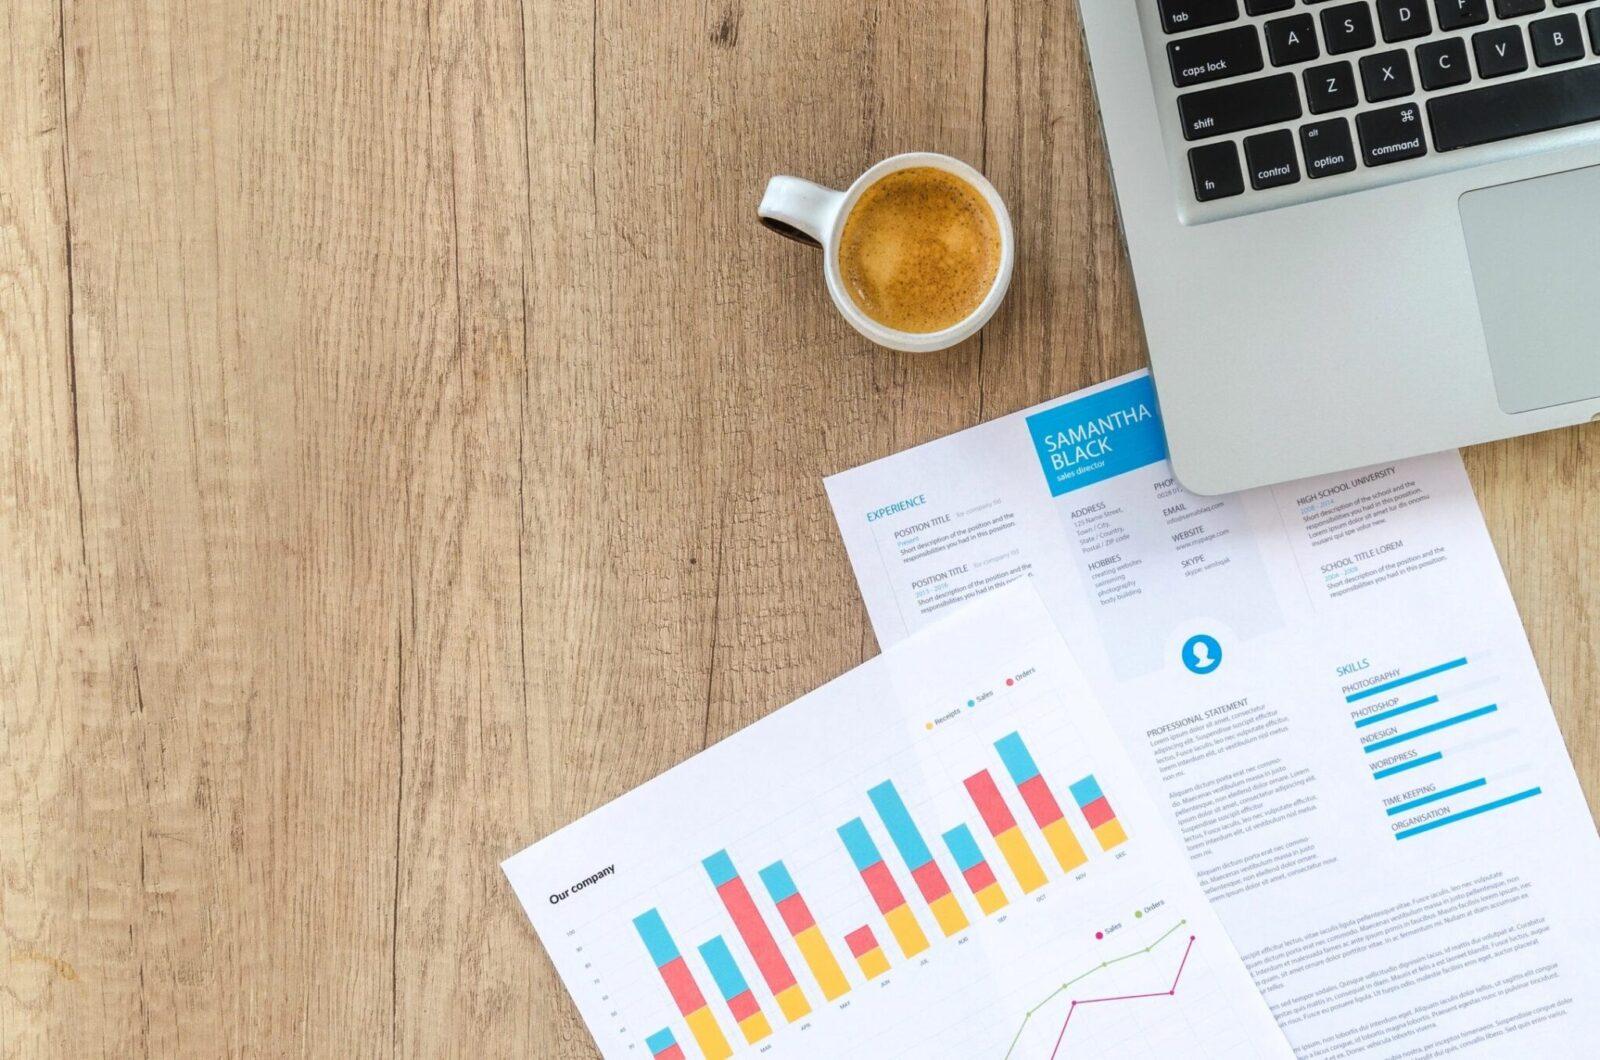 Financial Benchmarking Analysis